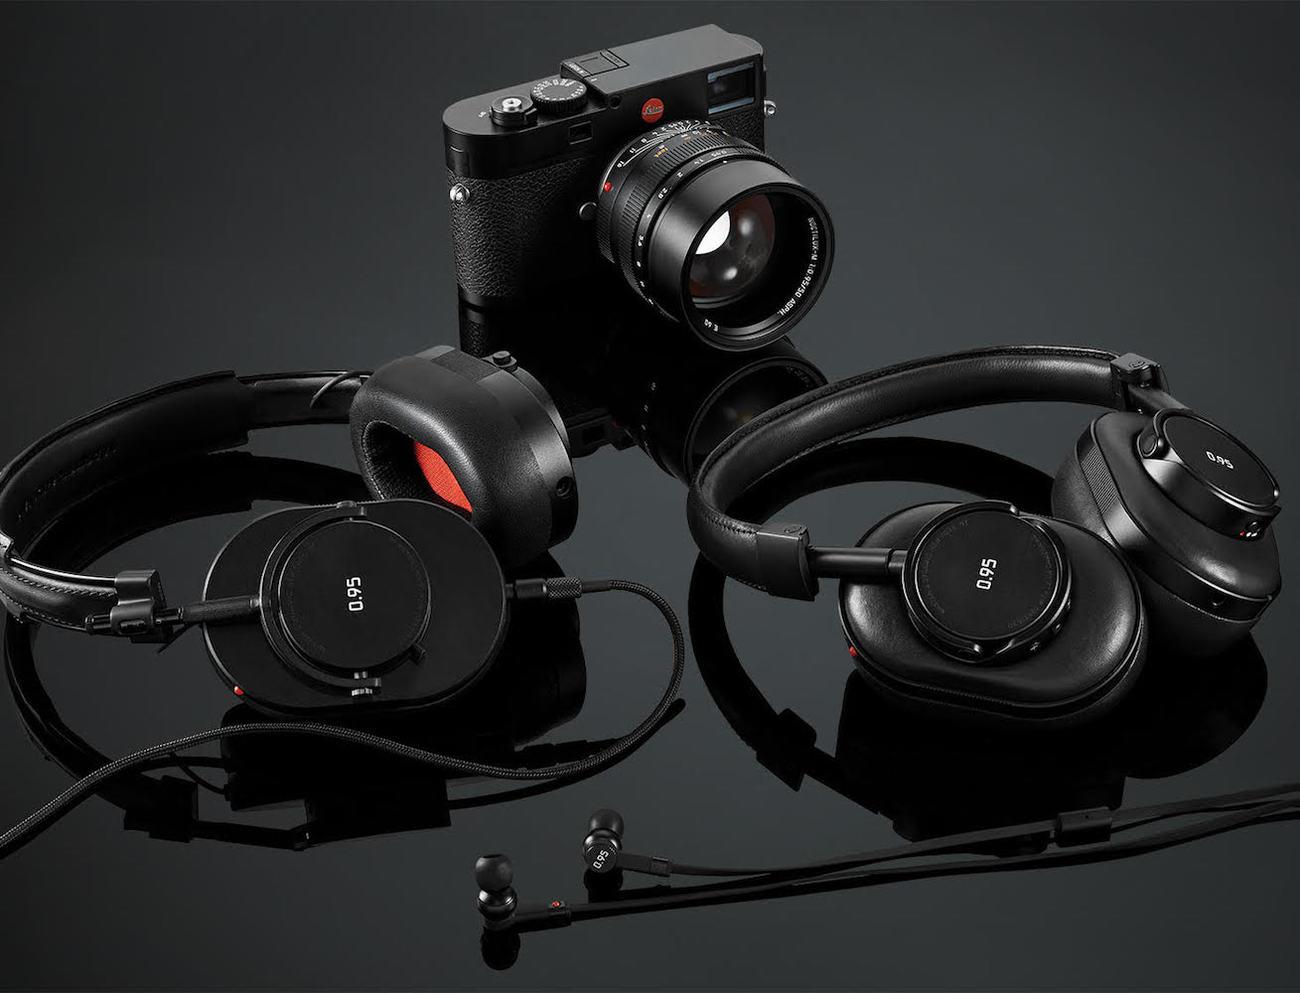 MW60 Leica 0.95 Headphones